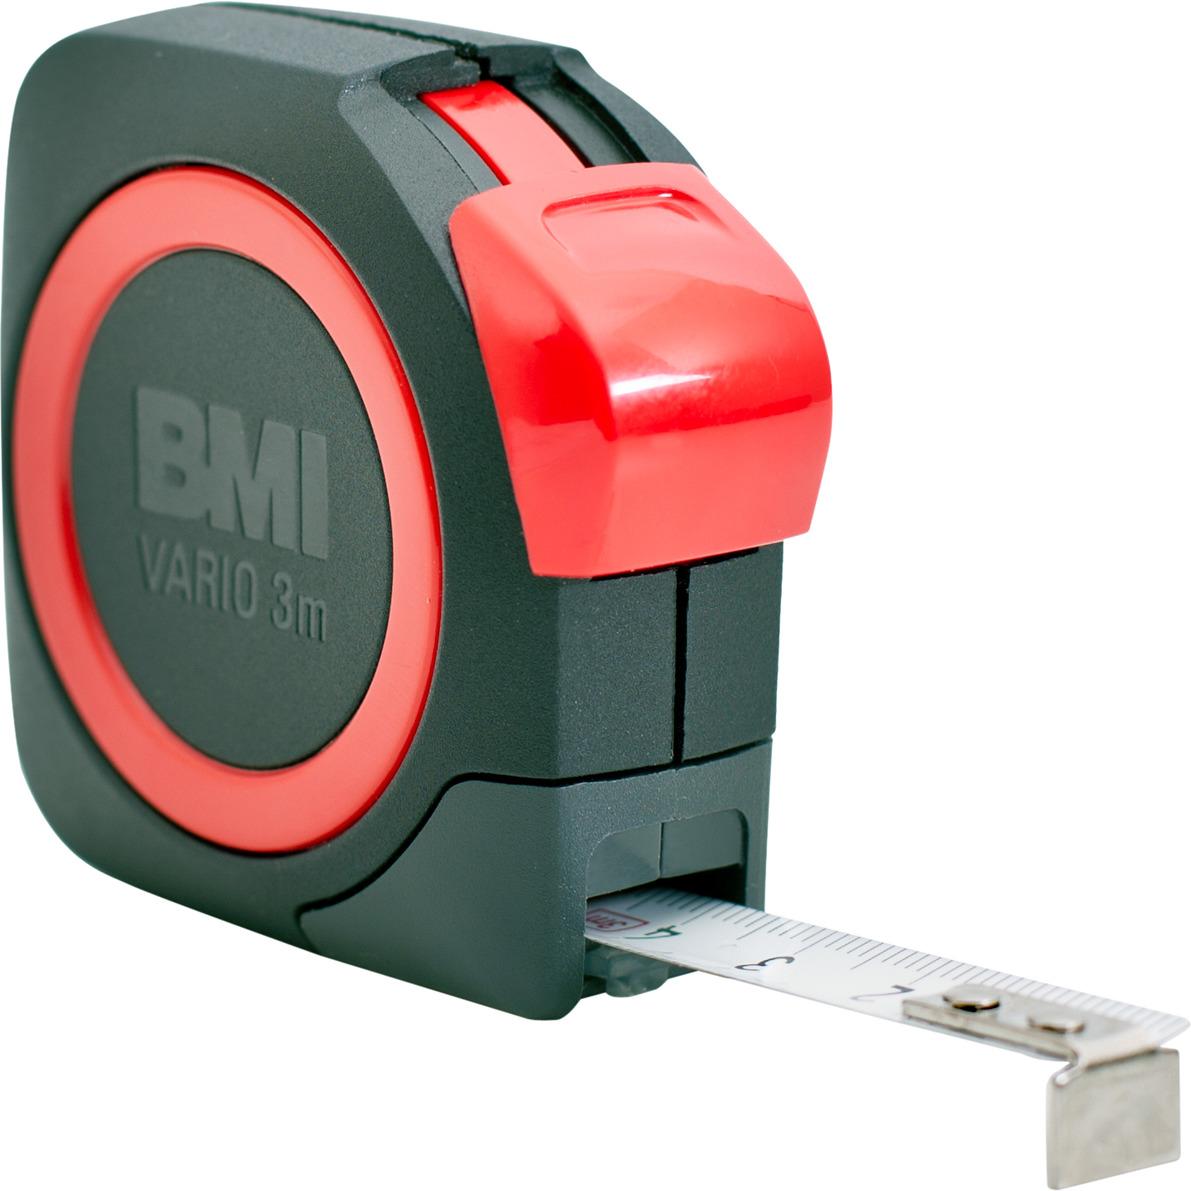 Измерительная рулетка BMI Vario, 411341120, 3 м